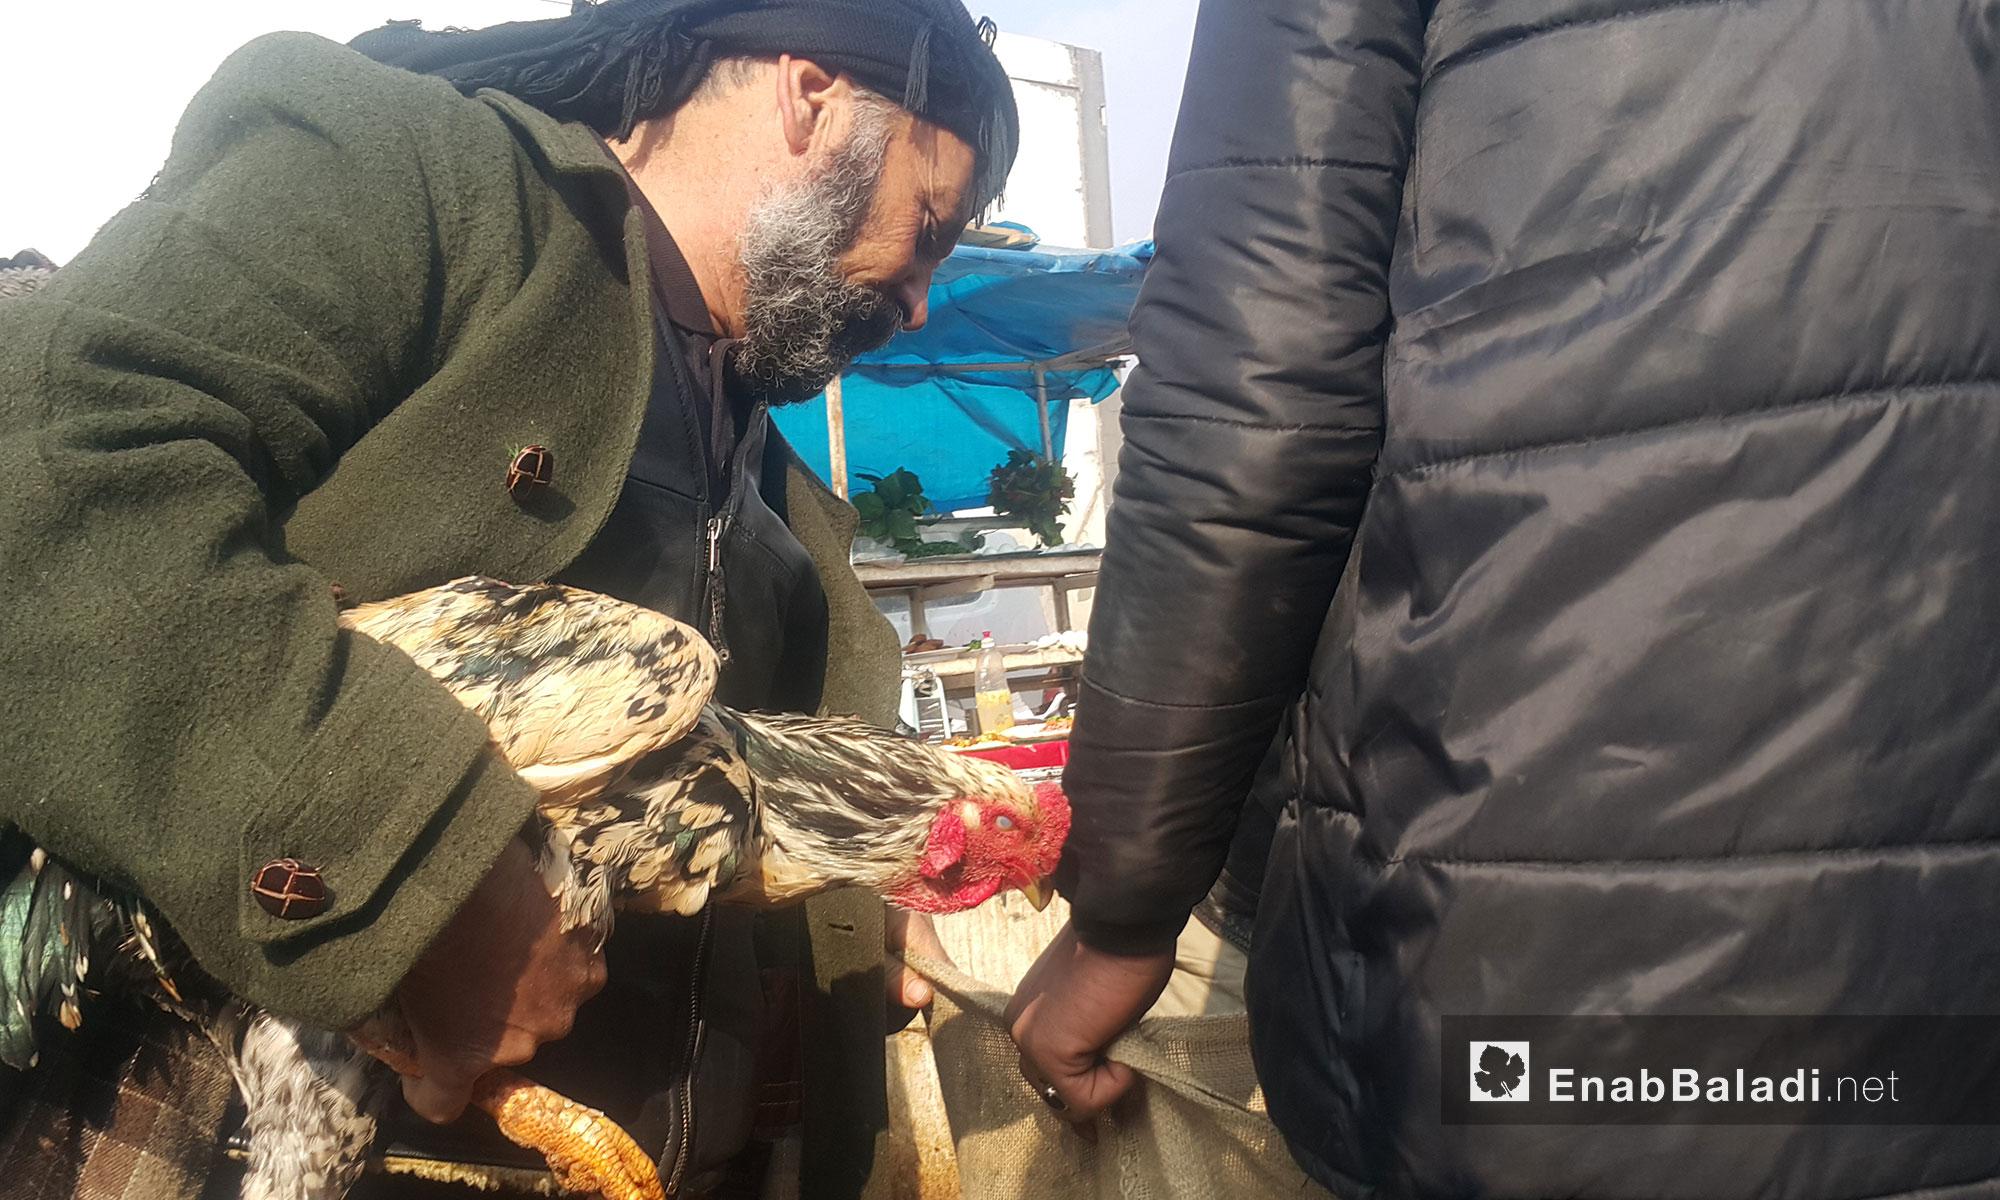 بائع دواجن في سوق الطيور بمعرة مصرين - 20 كانون الثاني 2017 (عنب بلدي)